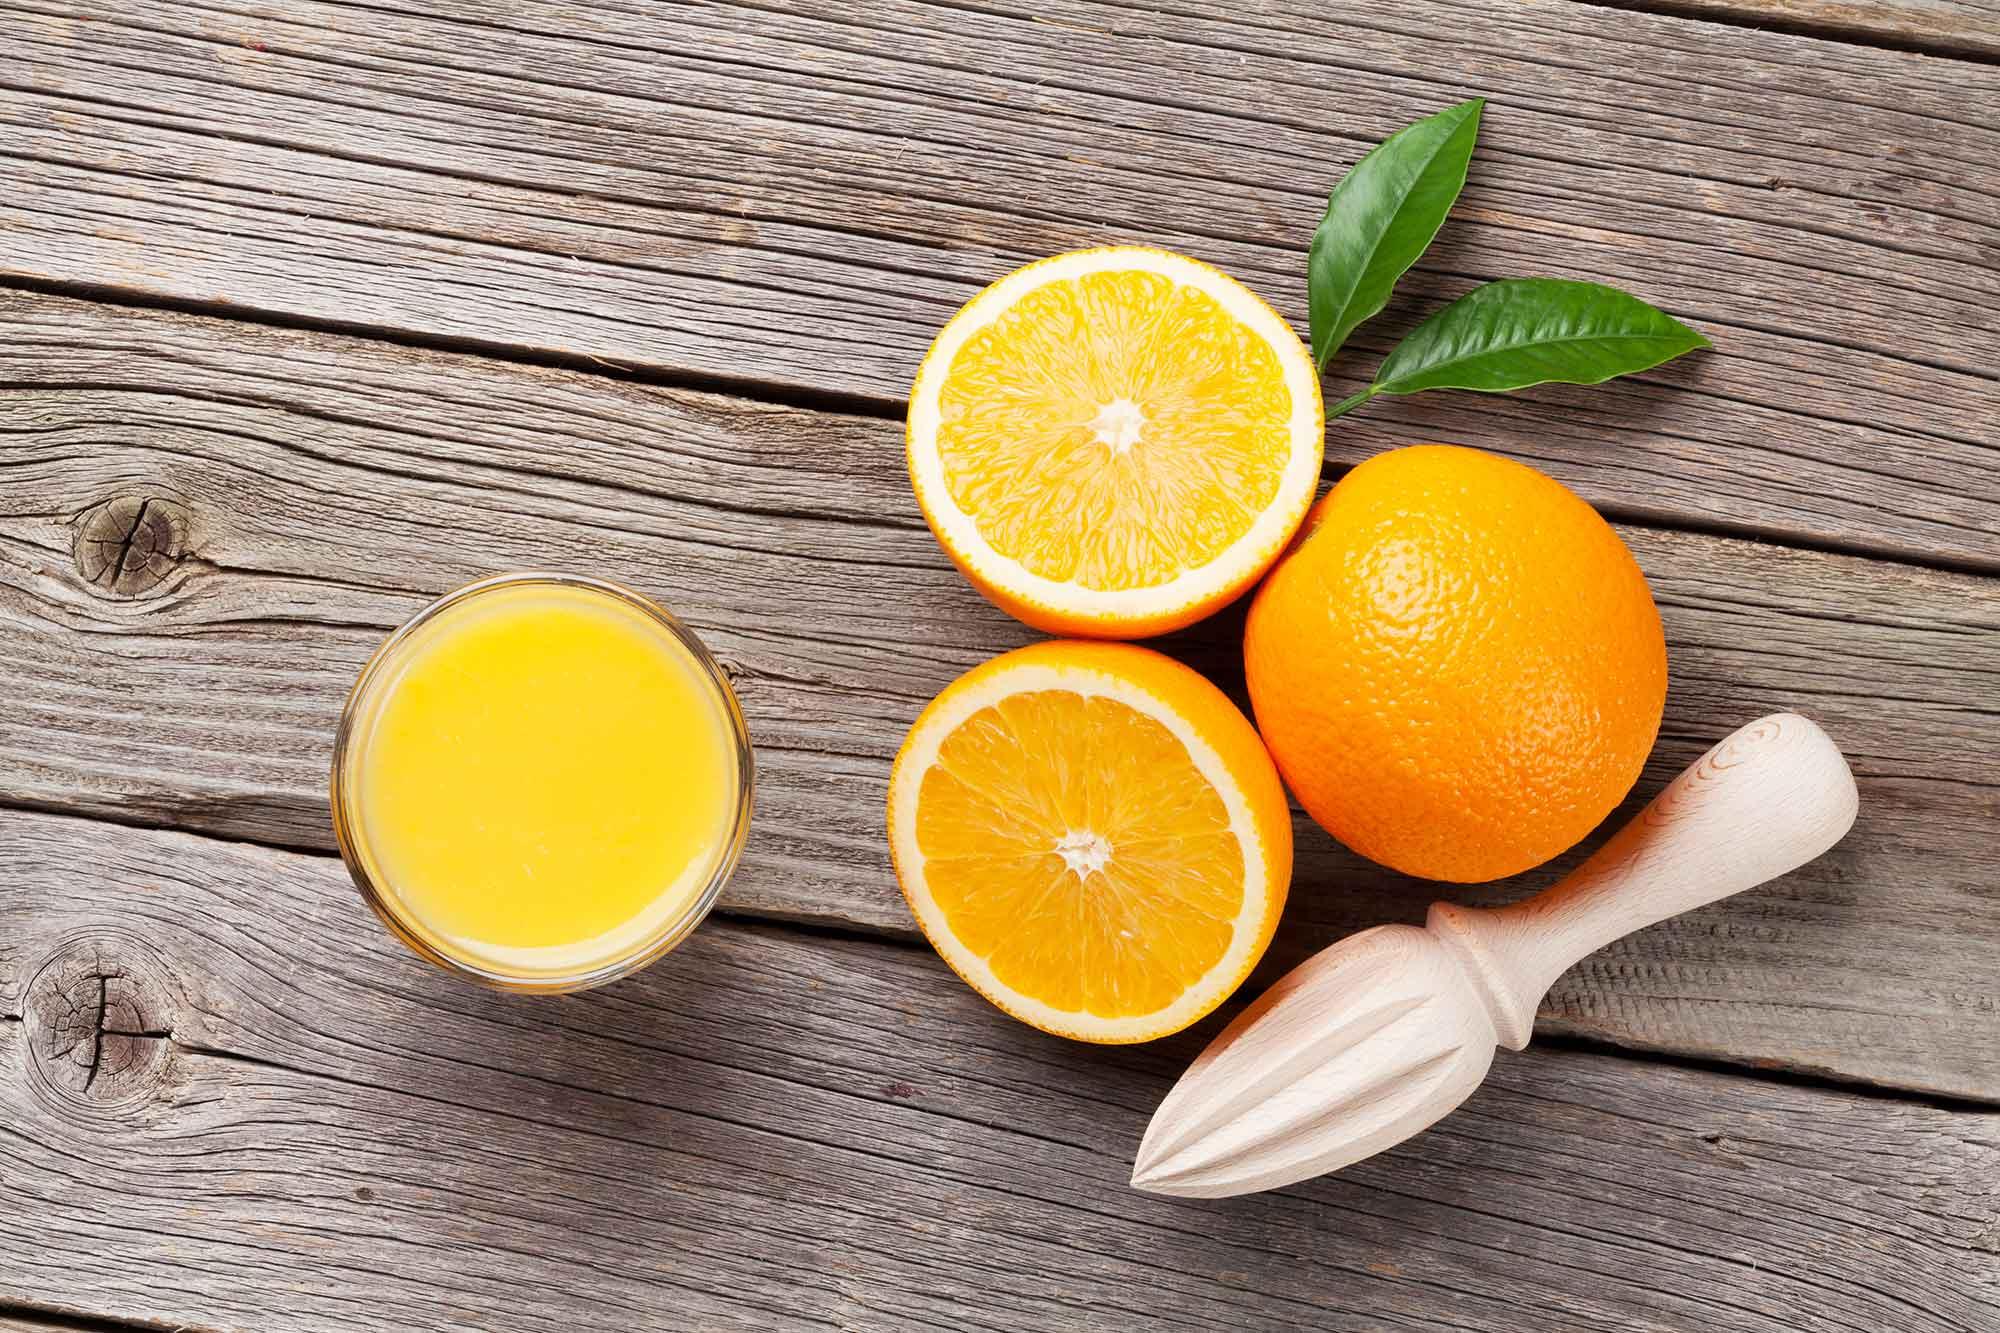 Tomando Zumo de Naranja natural tendrás ¡energía y buen humor para todo el día!